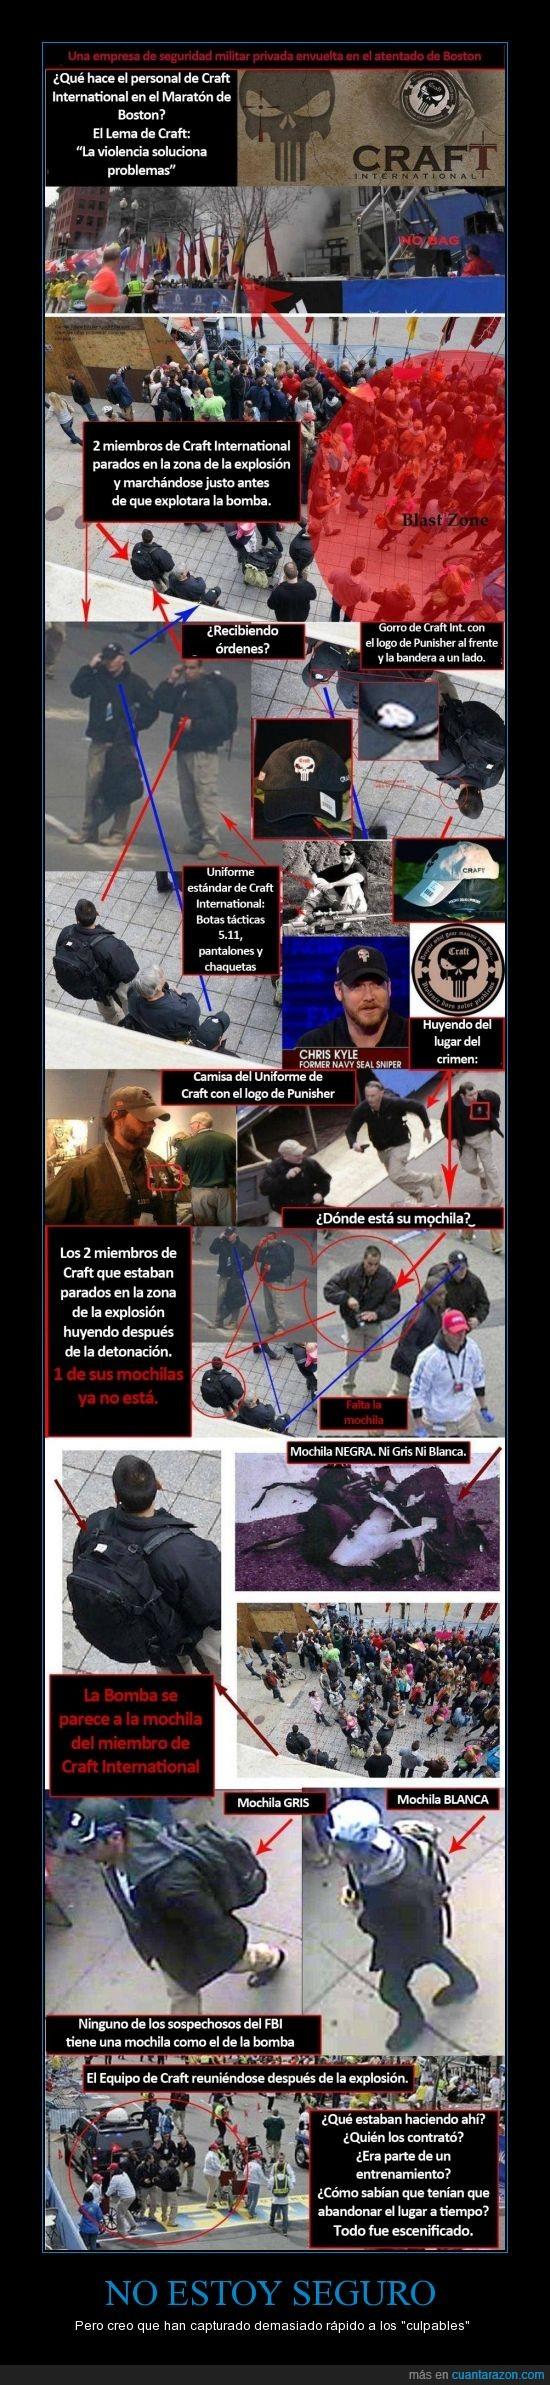 atentado,boston,conspiración,craft,inocentes,maraton,mochila